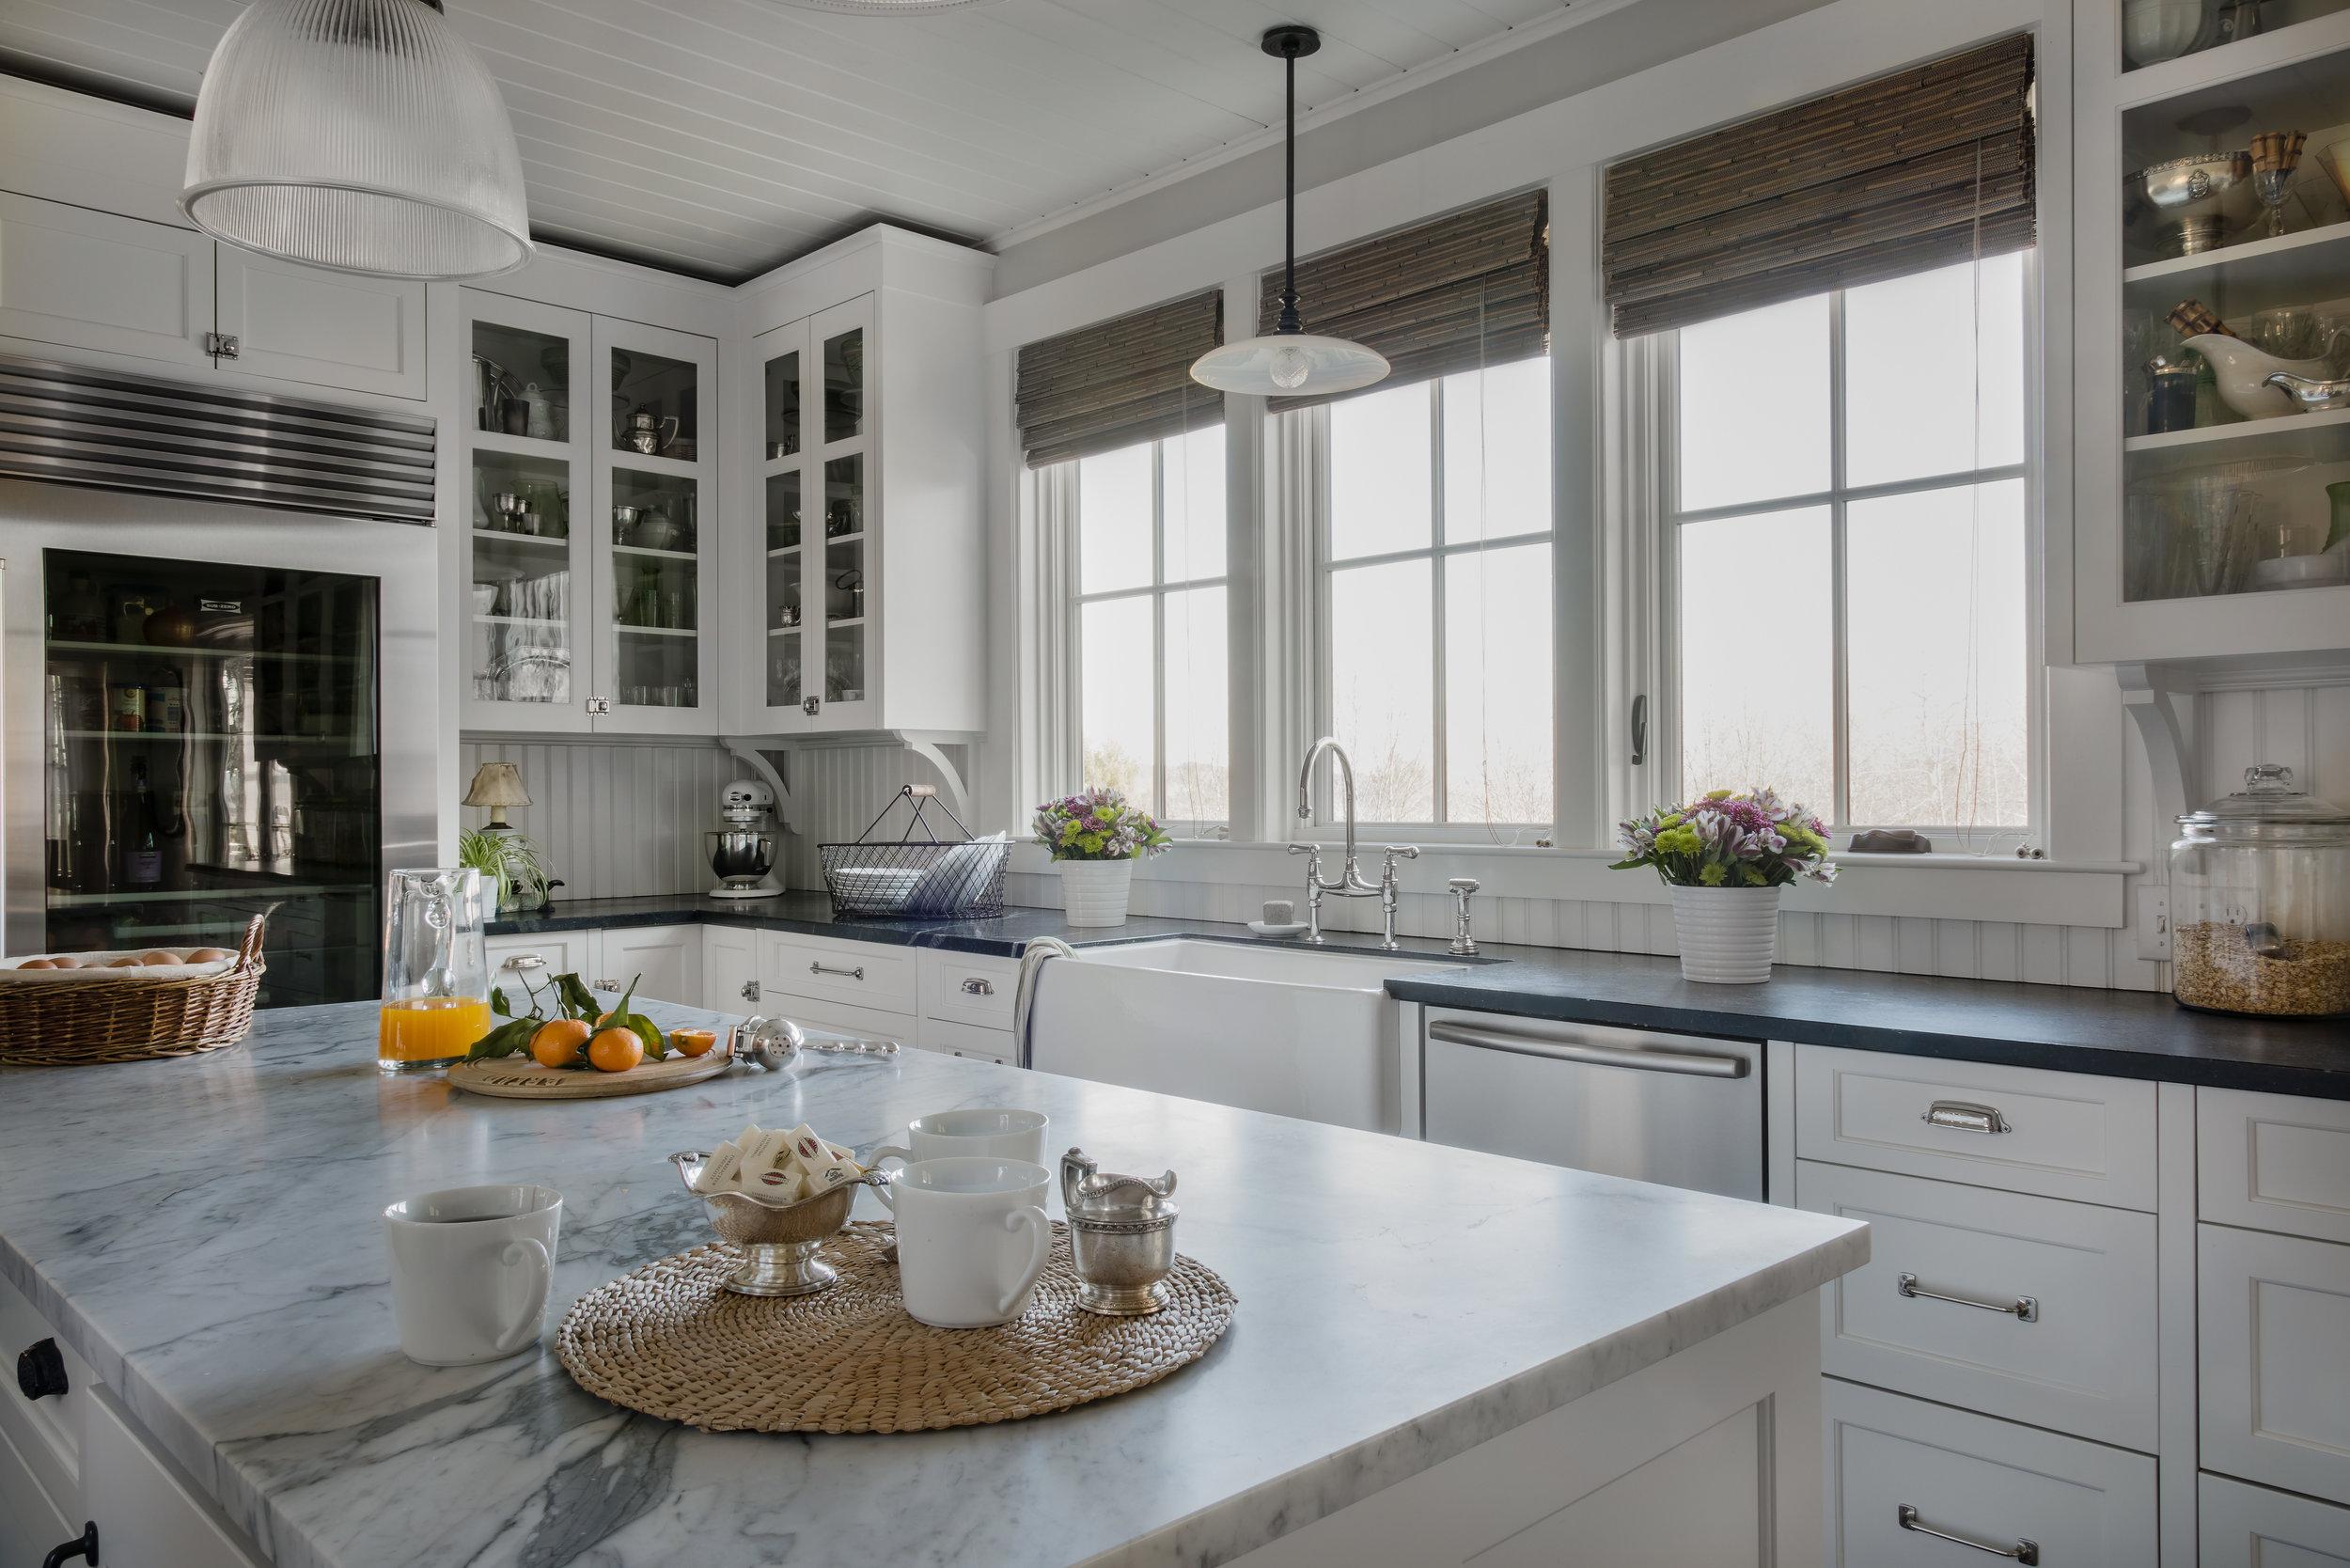 kitchen1sharpened.jpg